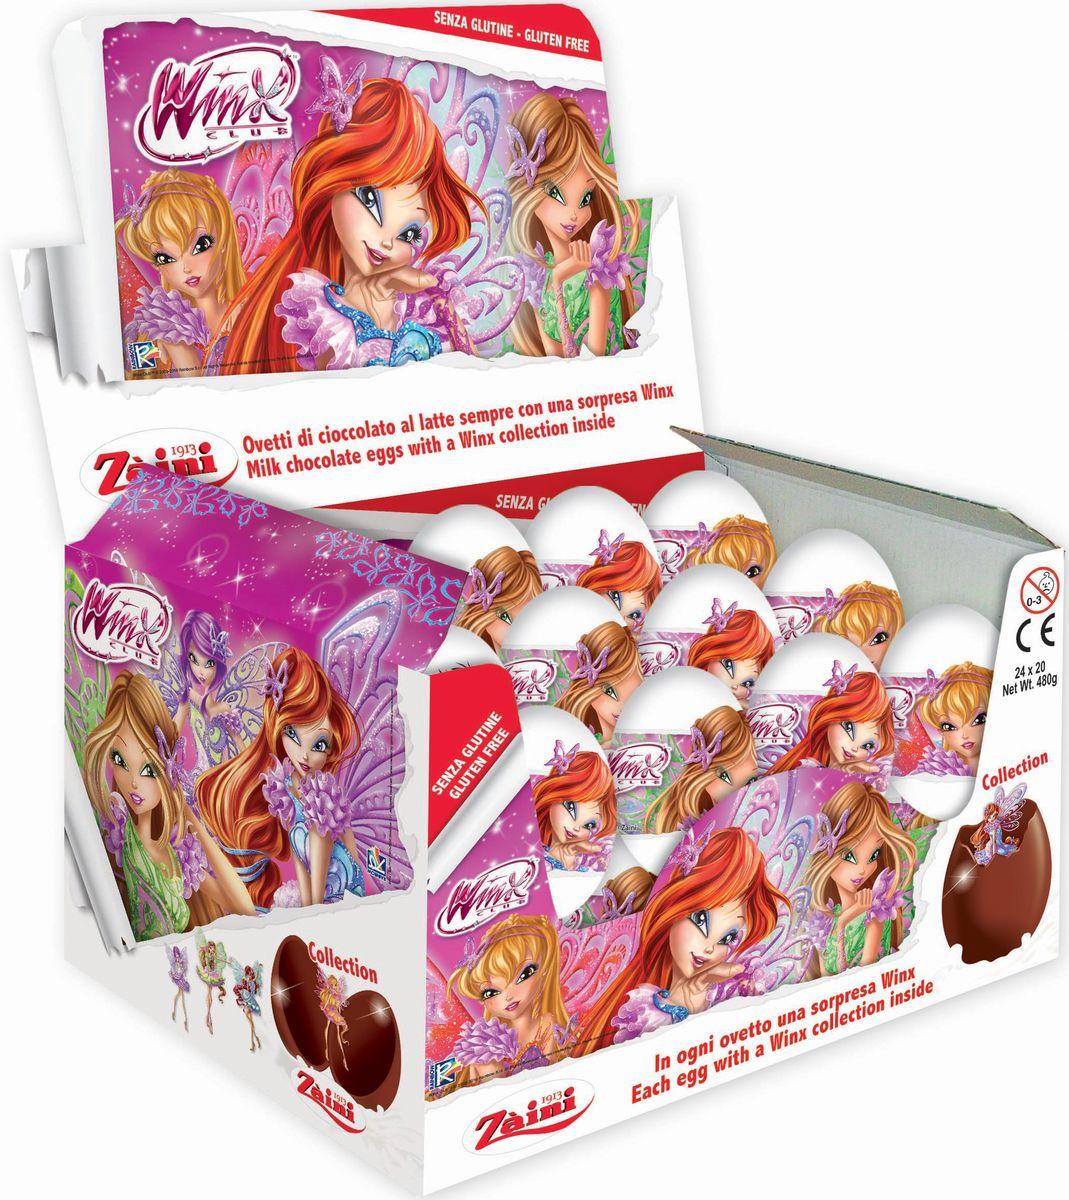 Zaini Winx шоколадные яйца с игрушкой, 24 шт по 20 г paw patrol шоколадные медали 21 г по 24 шт